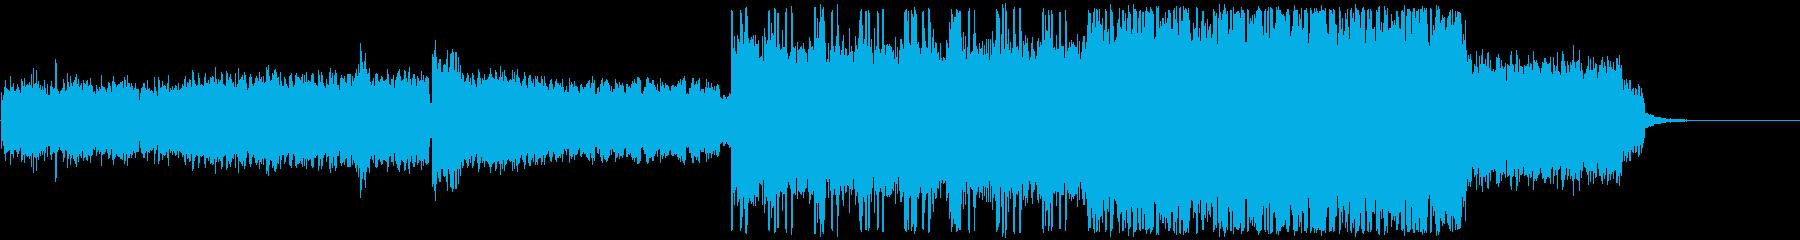 幻想的で疾走感のあるテクスチャーの再生済みの波形